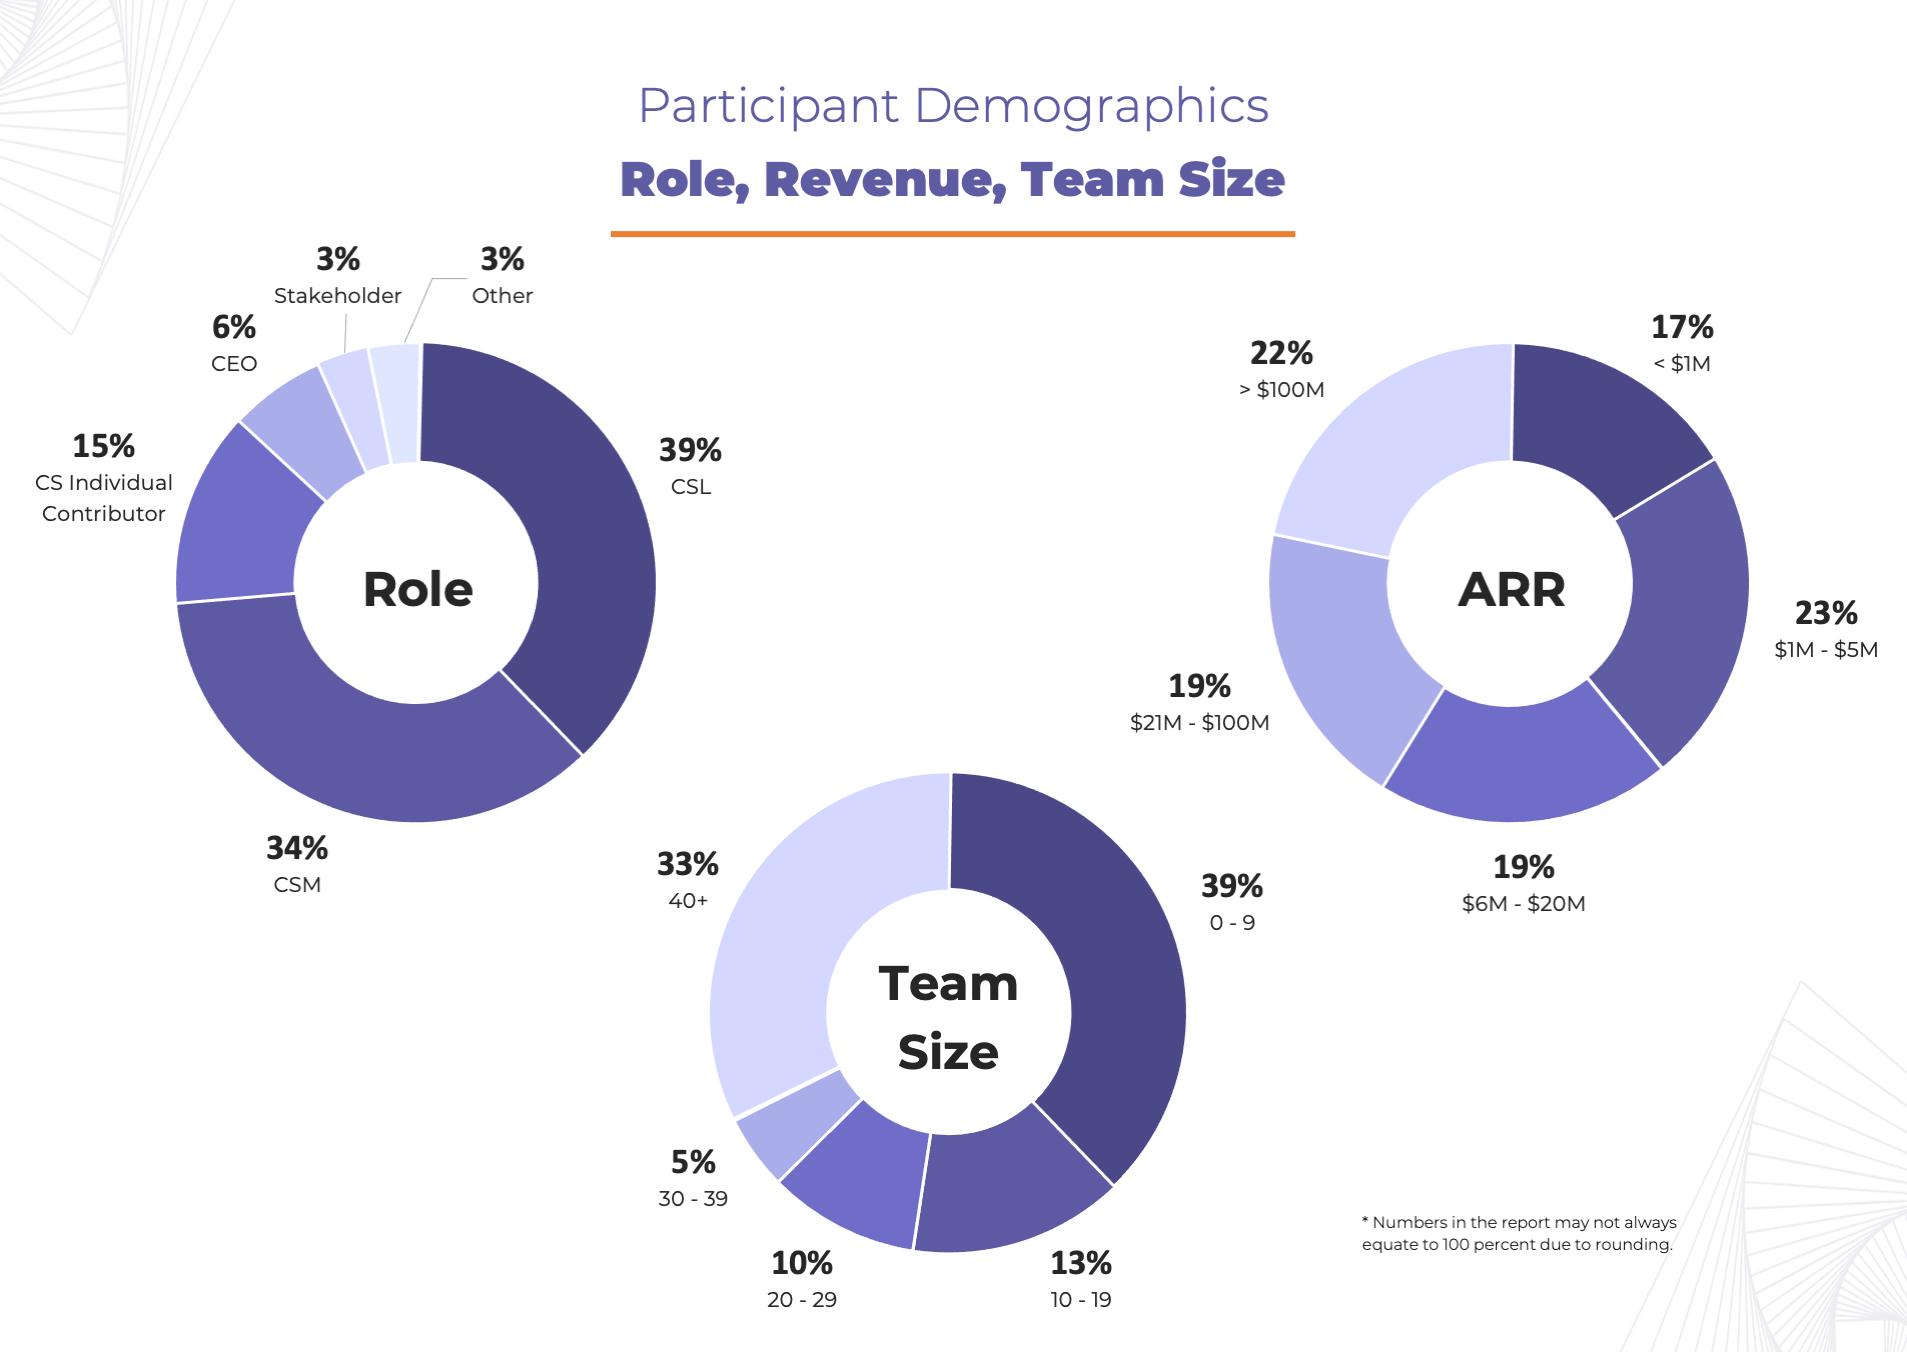 Participant Demographics Role, Revenue, Team Size